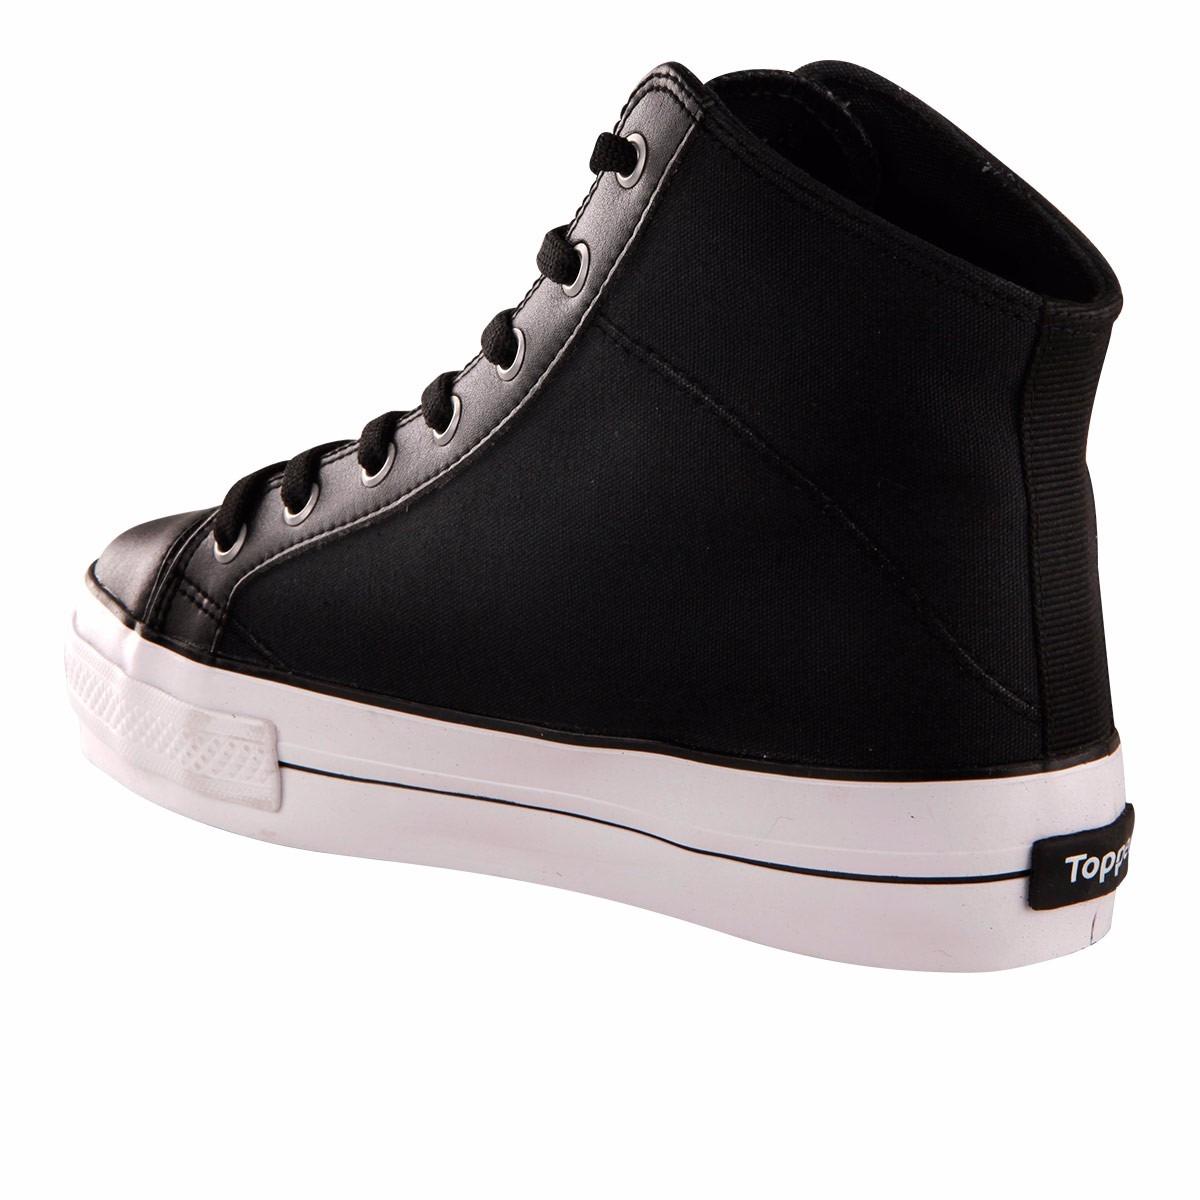 ¡Tu estilo sos vos! Encontrá Zapatillas Botitas de Mujer, Nuevo en Mercado Libre Argentina. Descubrí la mejor forma de comprar online.